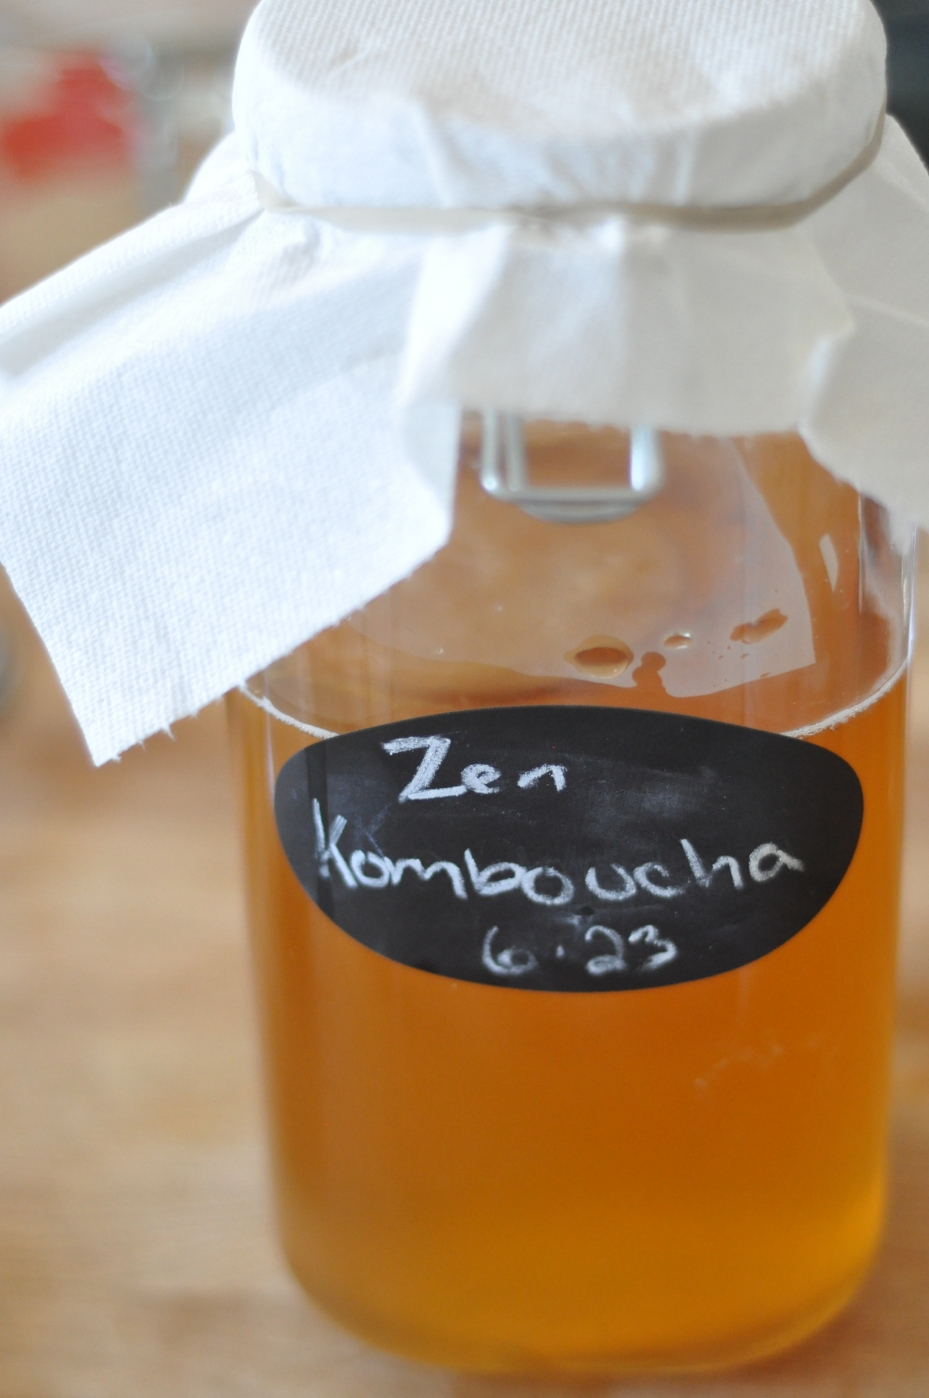 Komboucha Brewing